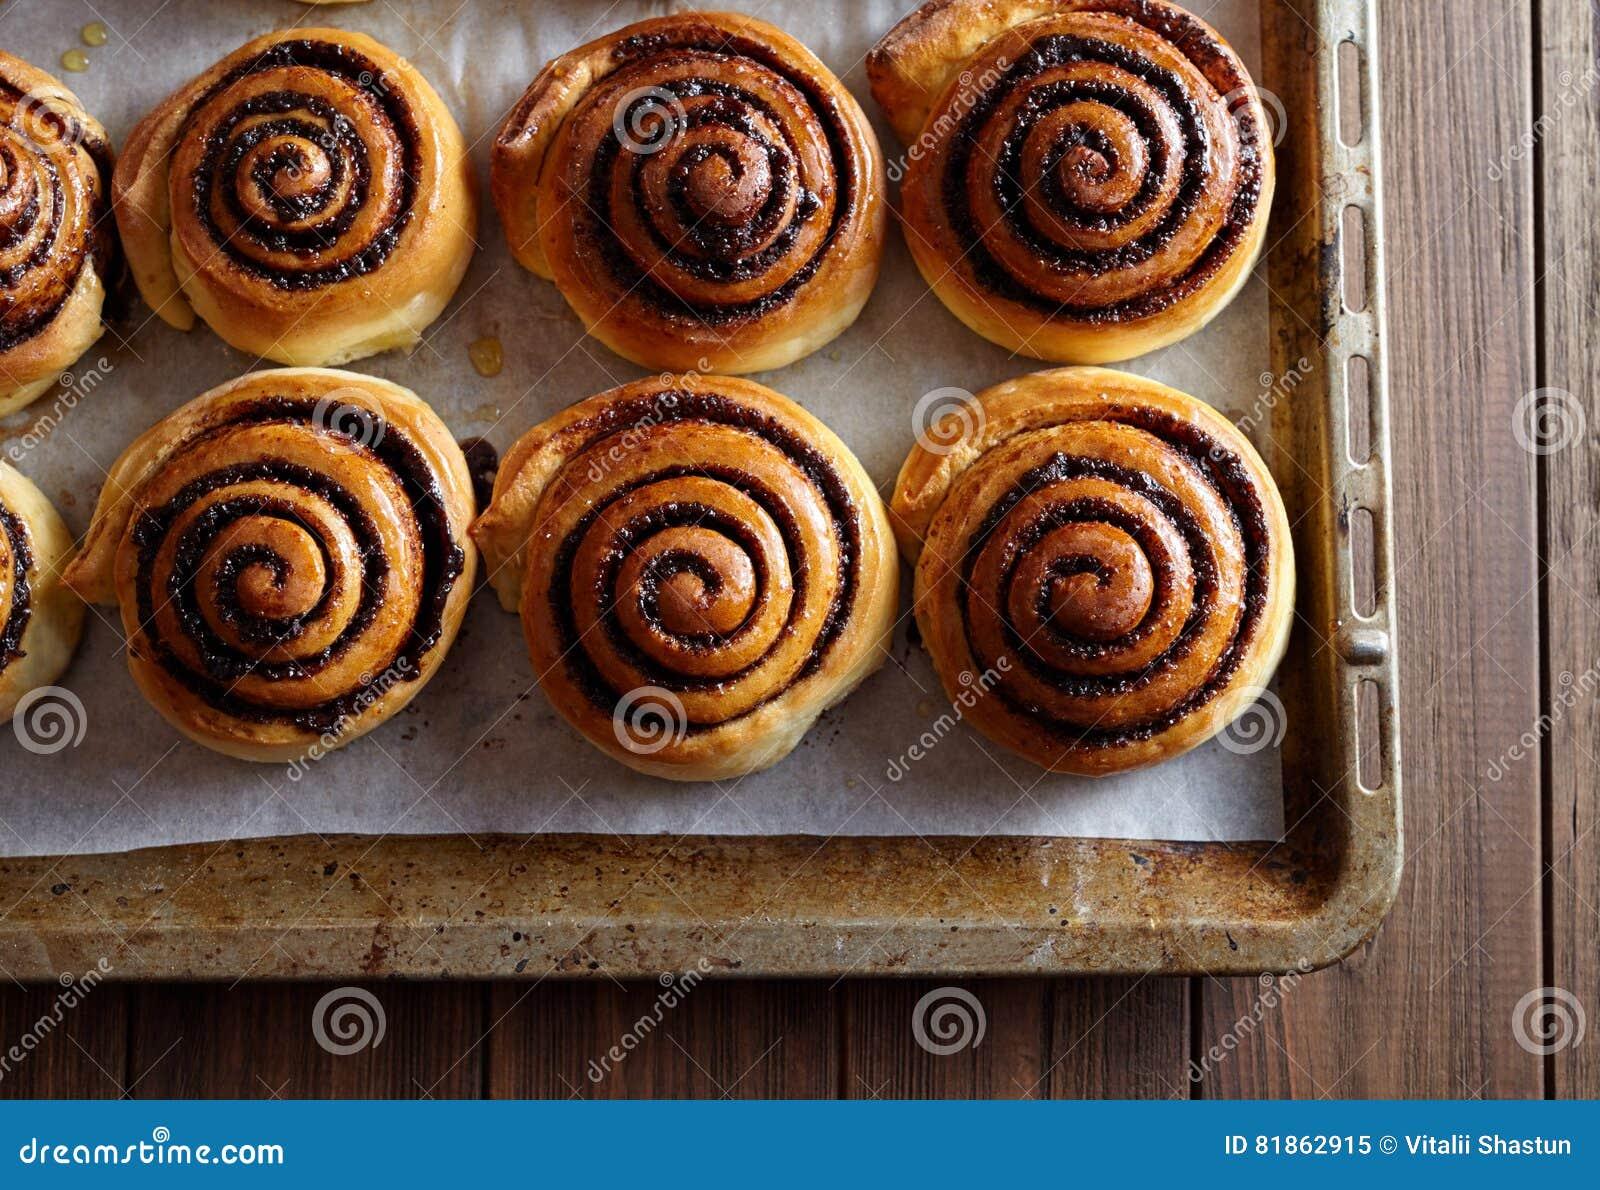 Petits pains fraîchement cuits au four de petits pains de cannelle avec du cacao et des épices sur une plaque de cuisson en métal